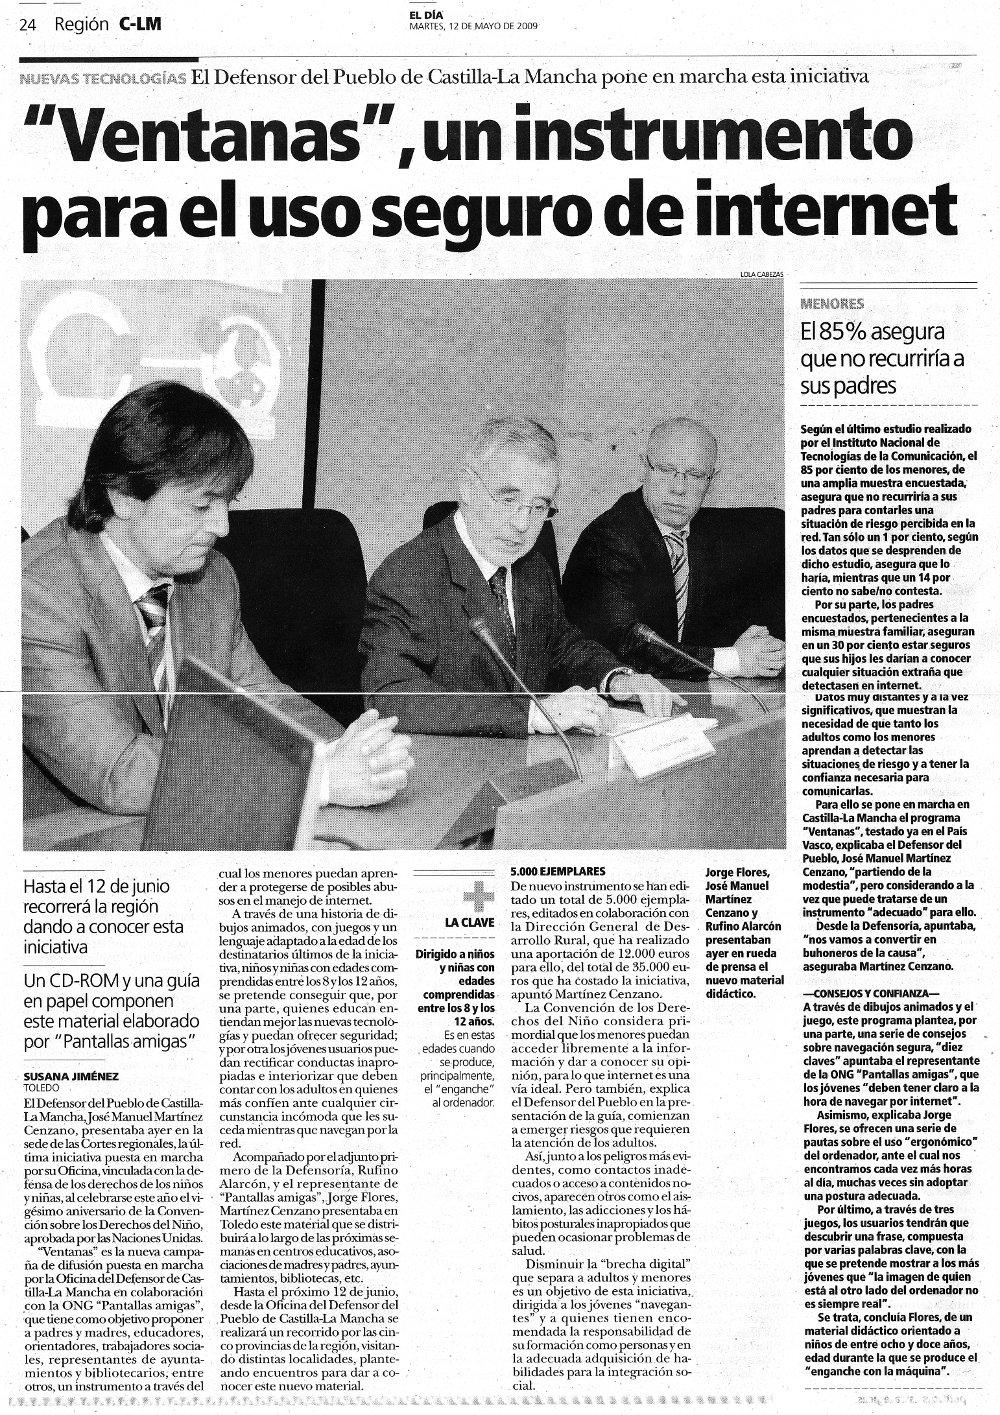 Ventanas, un instrumento para el uso seguro de Internet